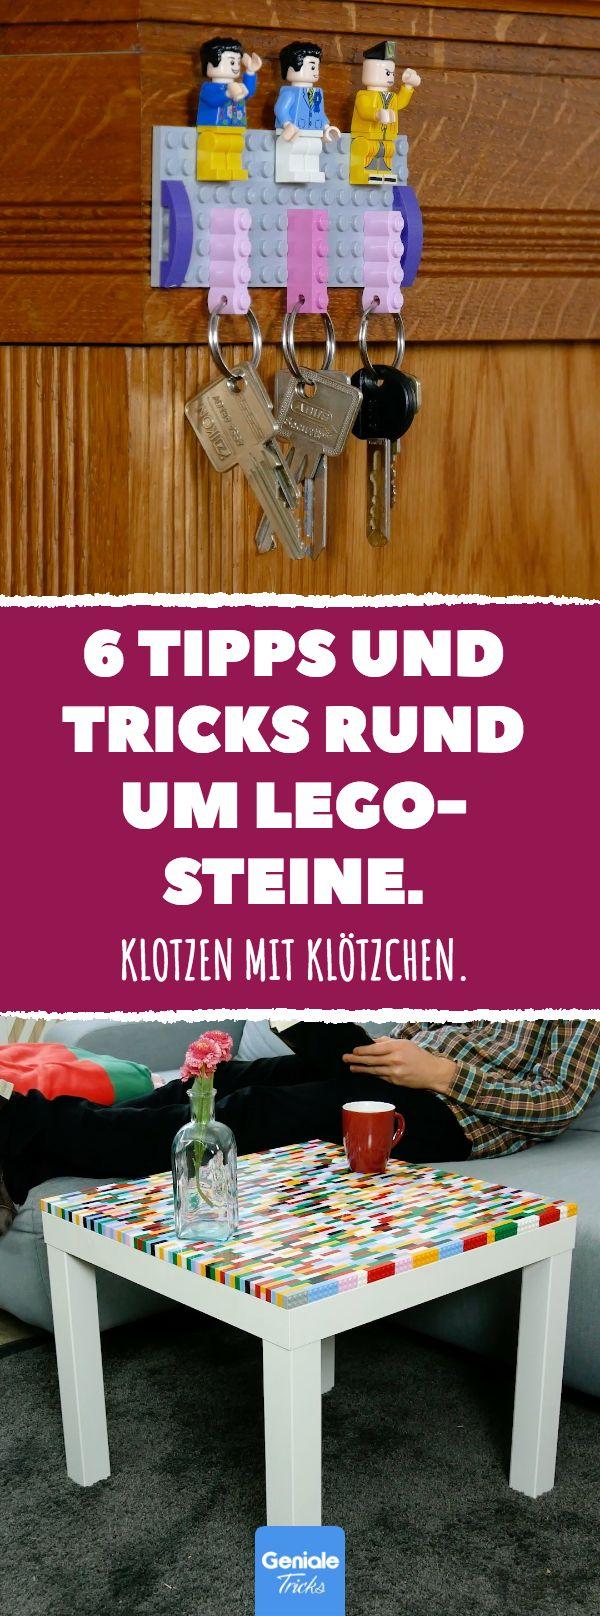 6 Tipps und Tricks rund um Lego-Steine. Klotzen mit Klötzchen. 6 Tipps und Tricks rund um Lego-Steine. #diy #lifehacks #lego #Alltagstipps